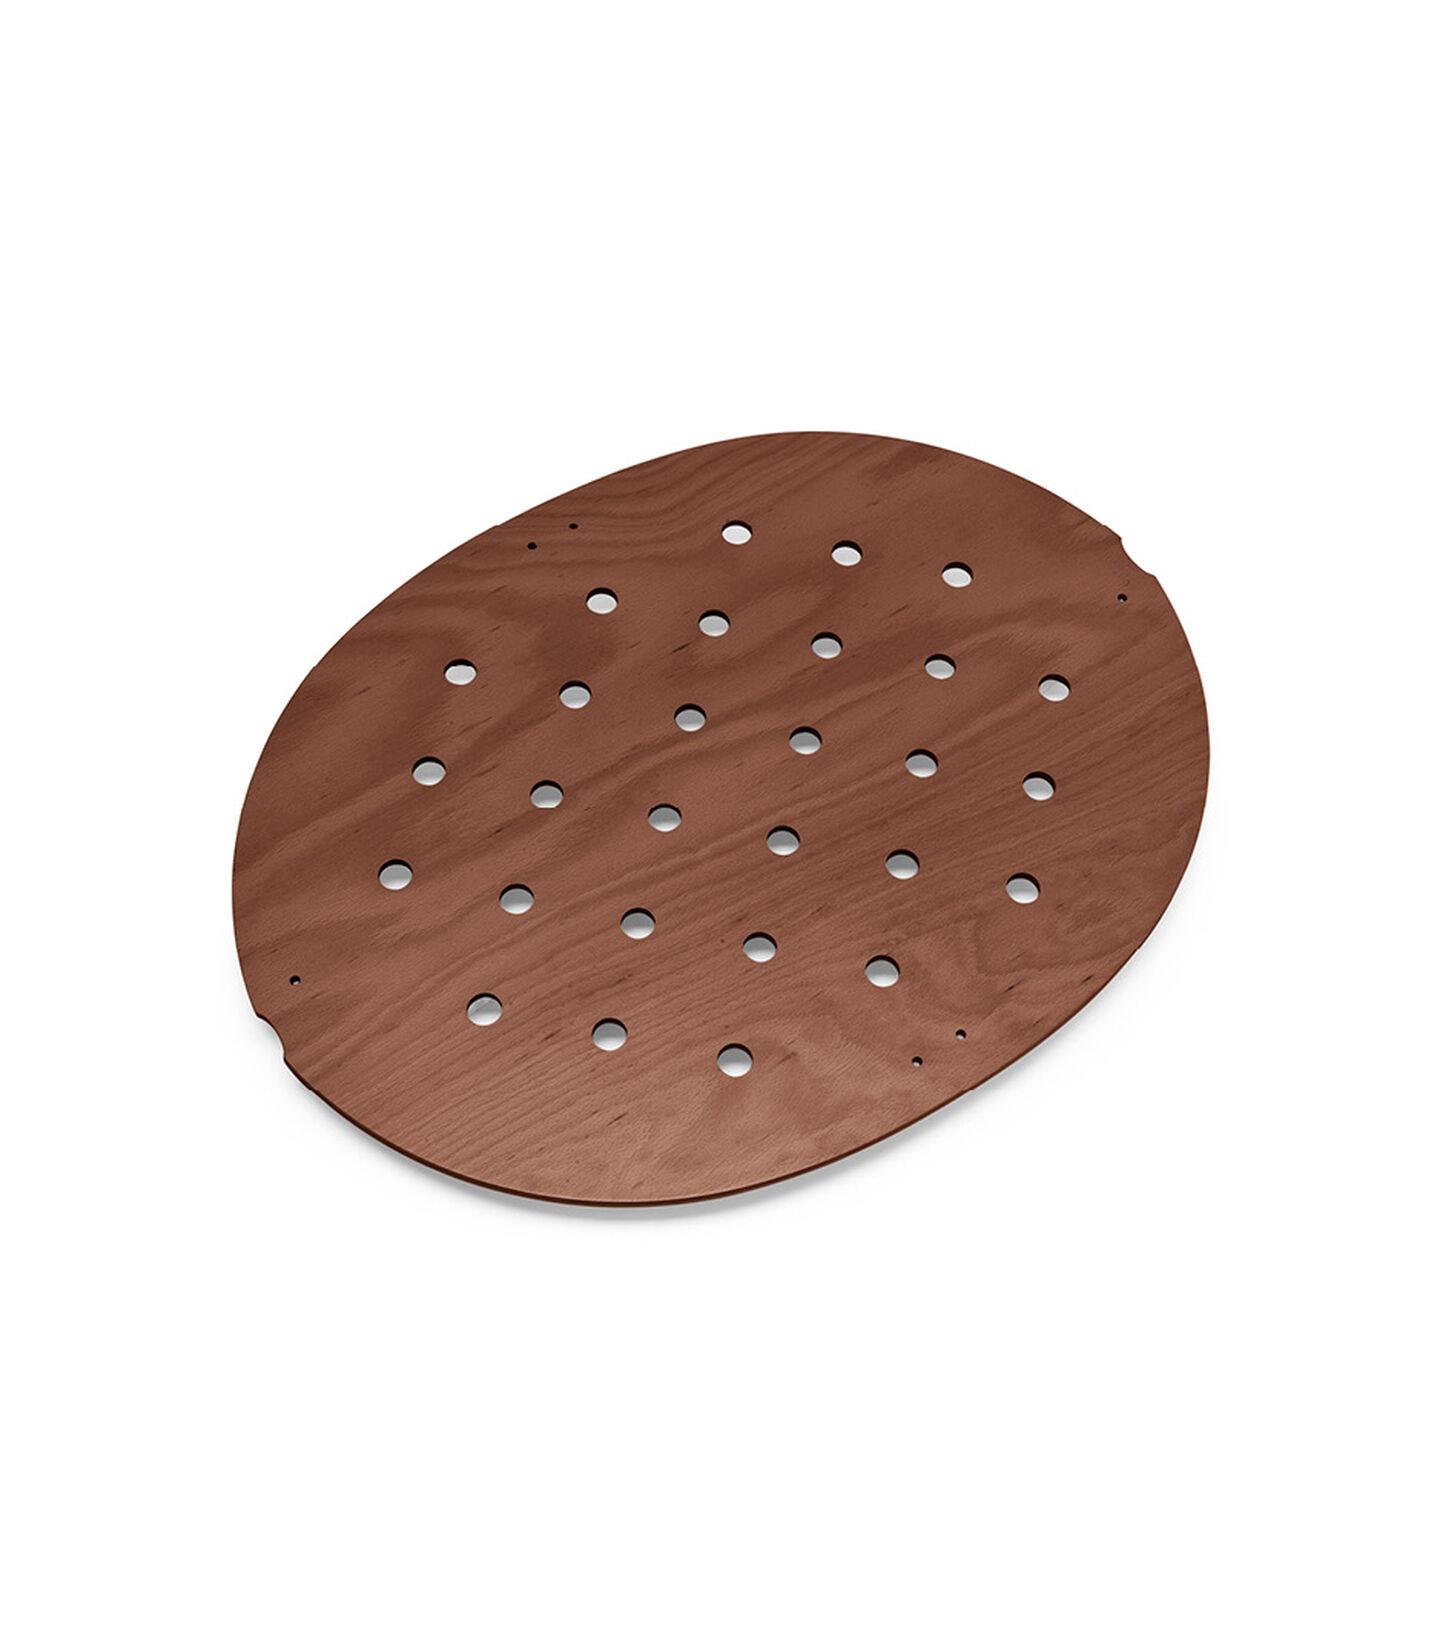 Stokke® Sleepi™ Mini plywood Marrón nogal, Nogal, mainview view 2